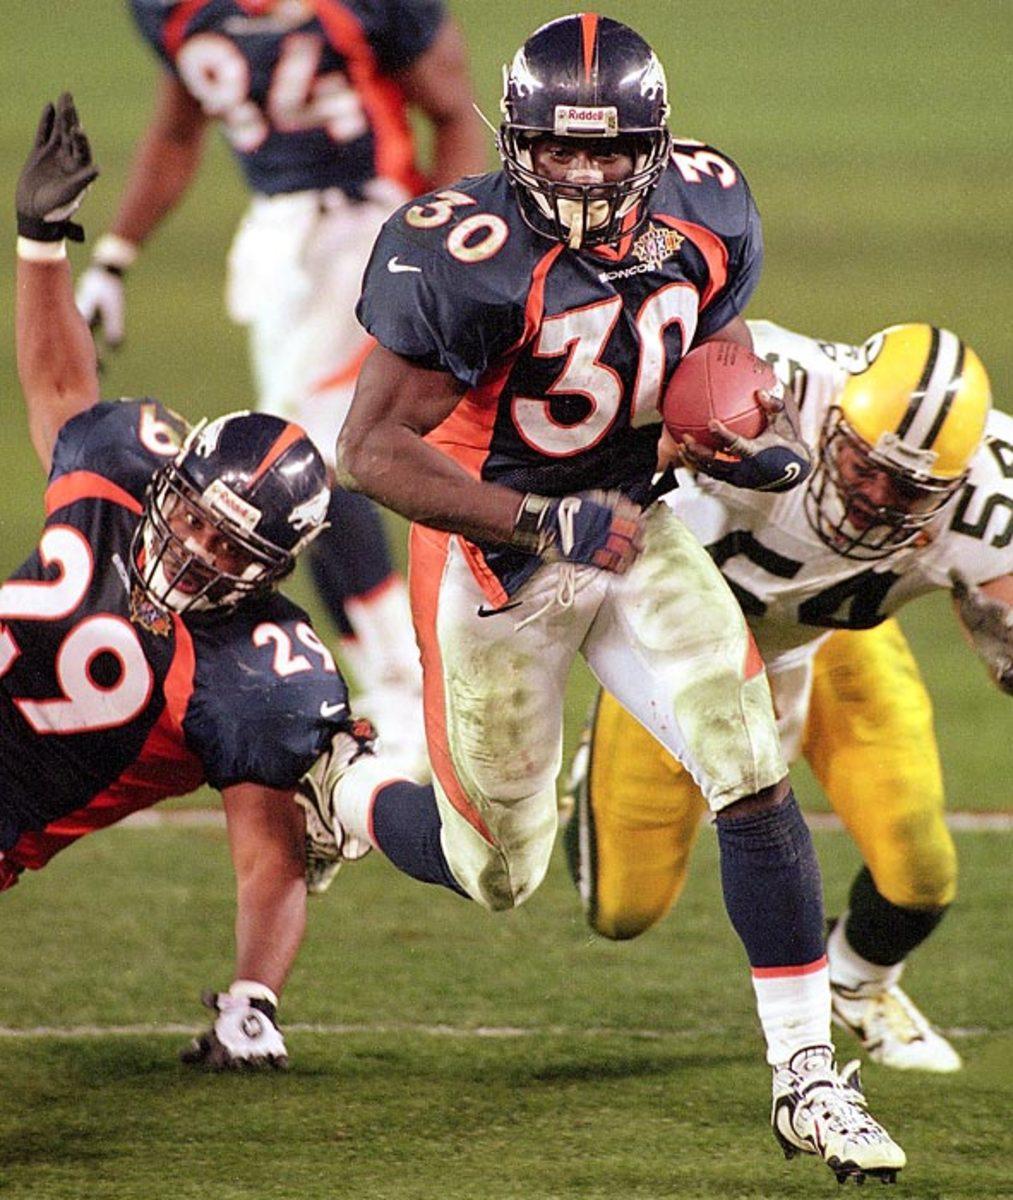 Super Bowl XXXII, Jan. 25, 1998